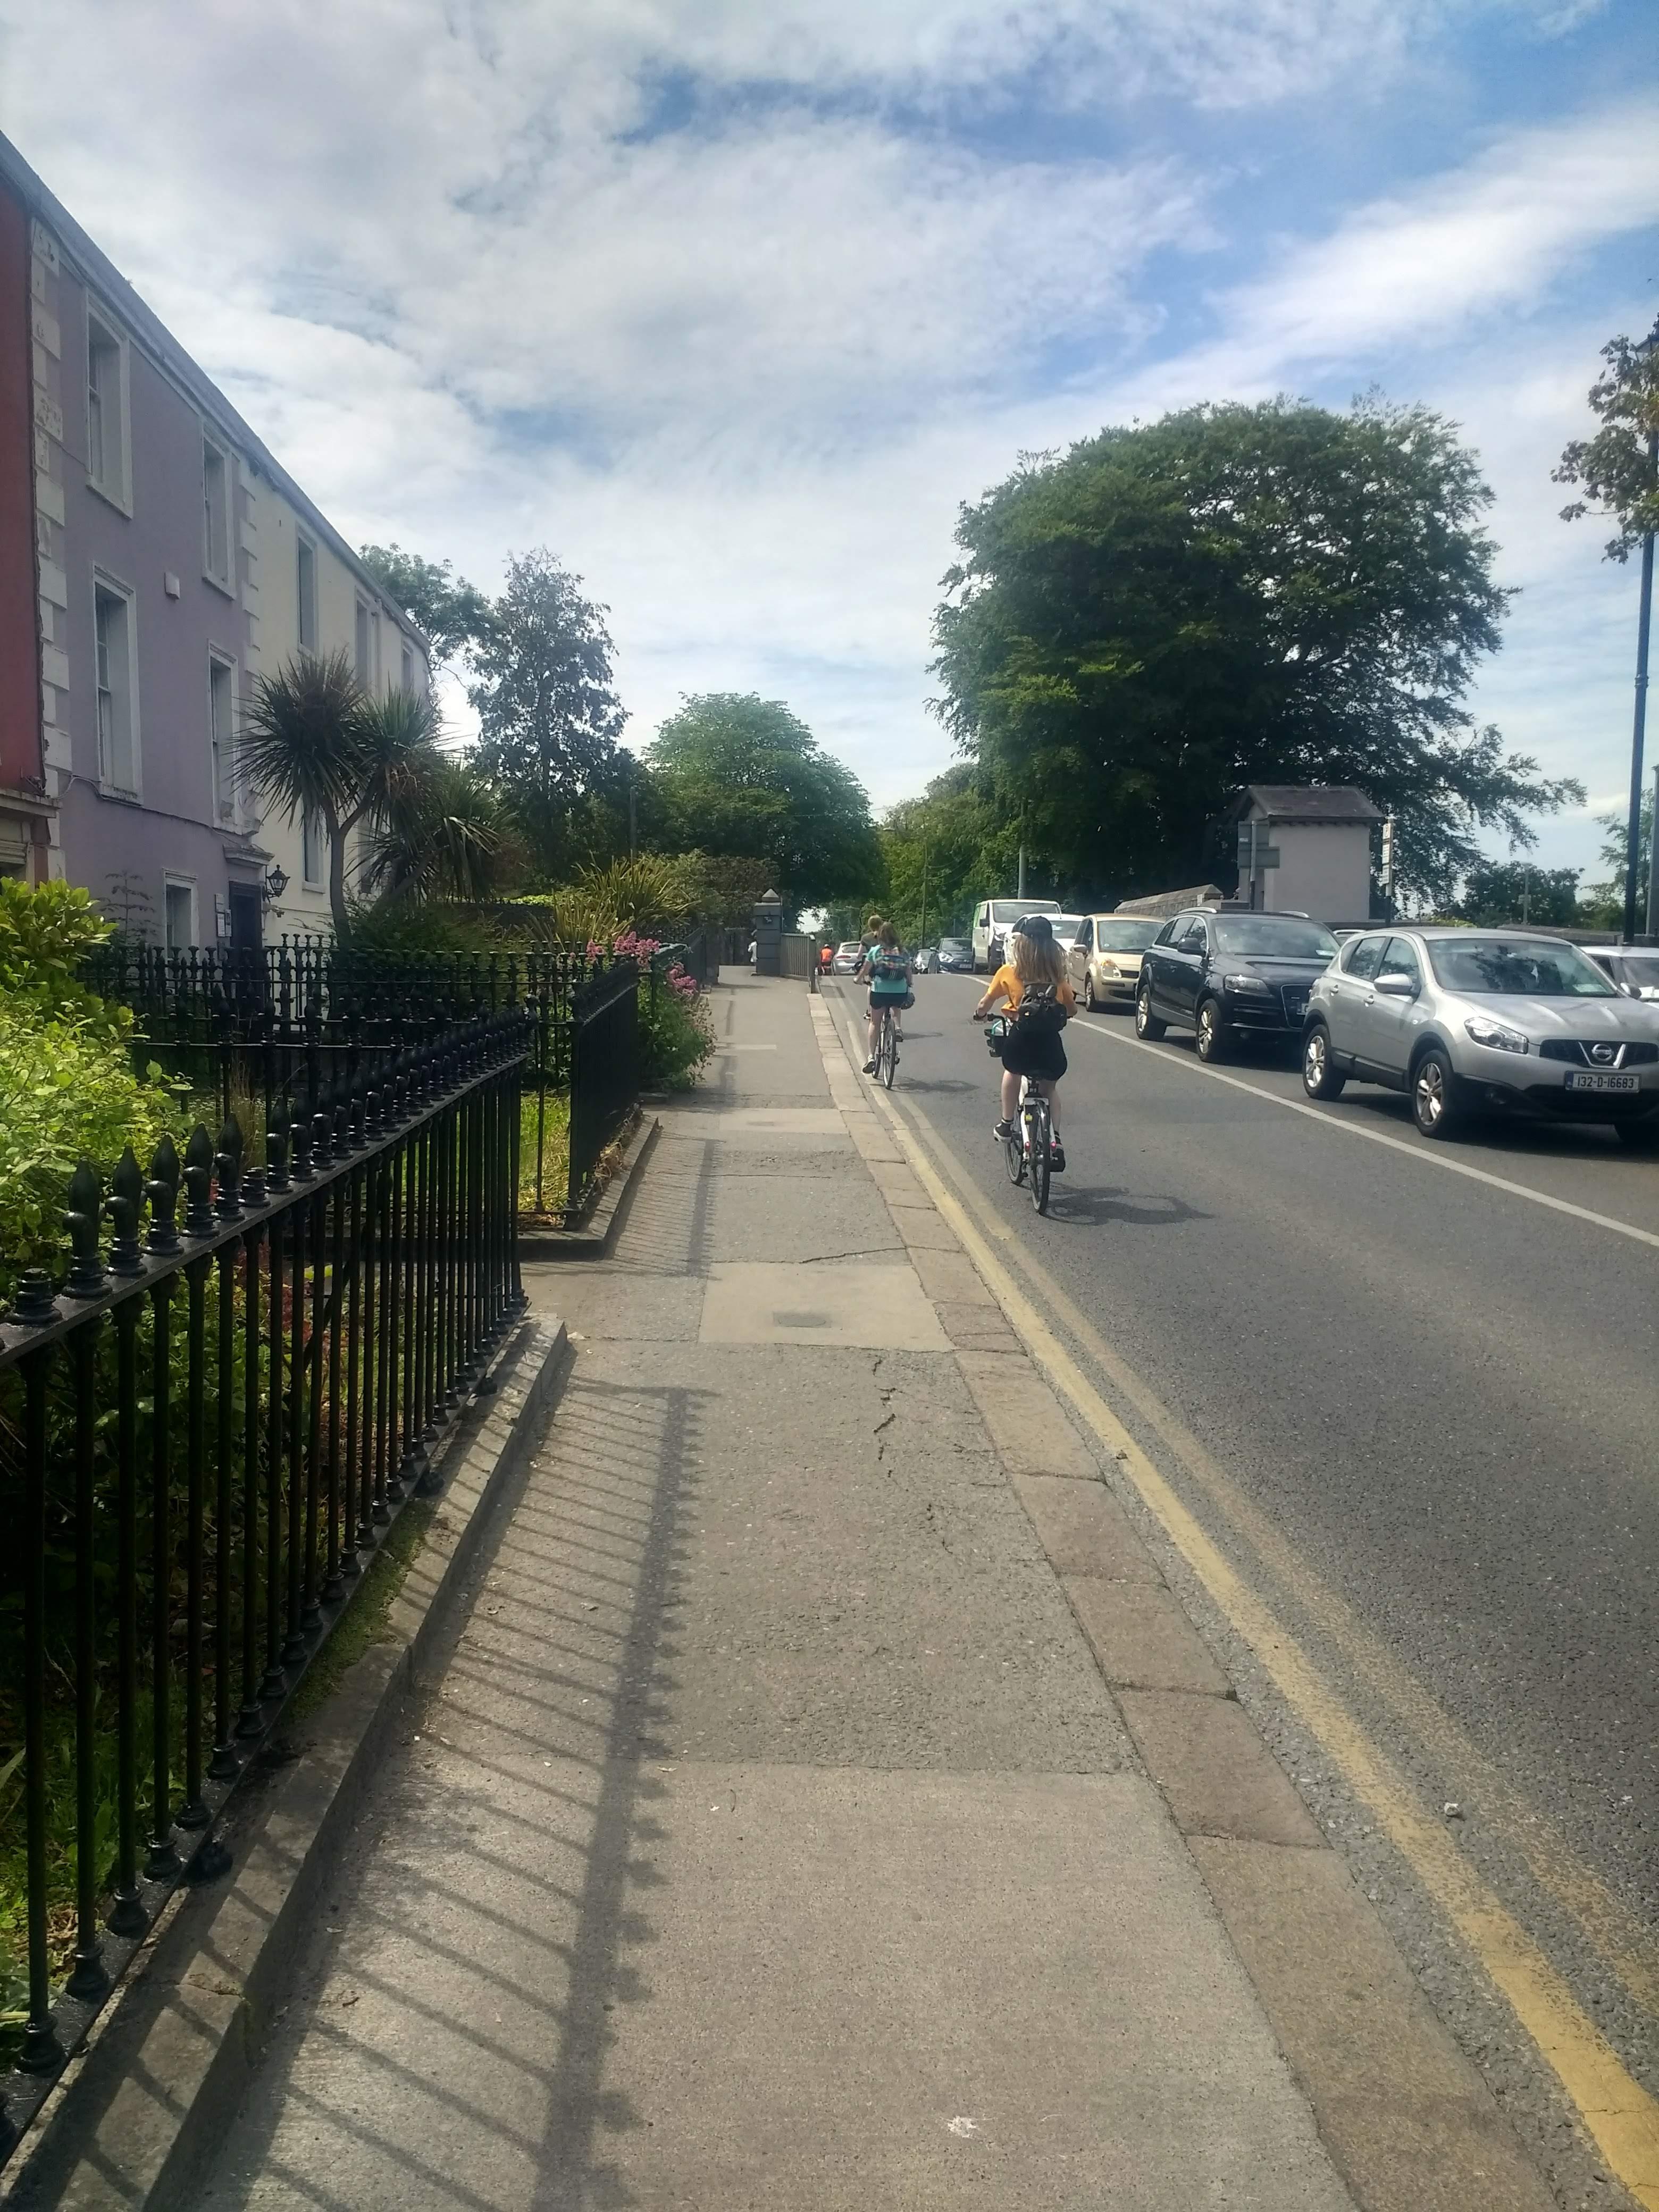 Cycling to Malahide Demesne over Railway Bridge - younger people